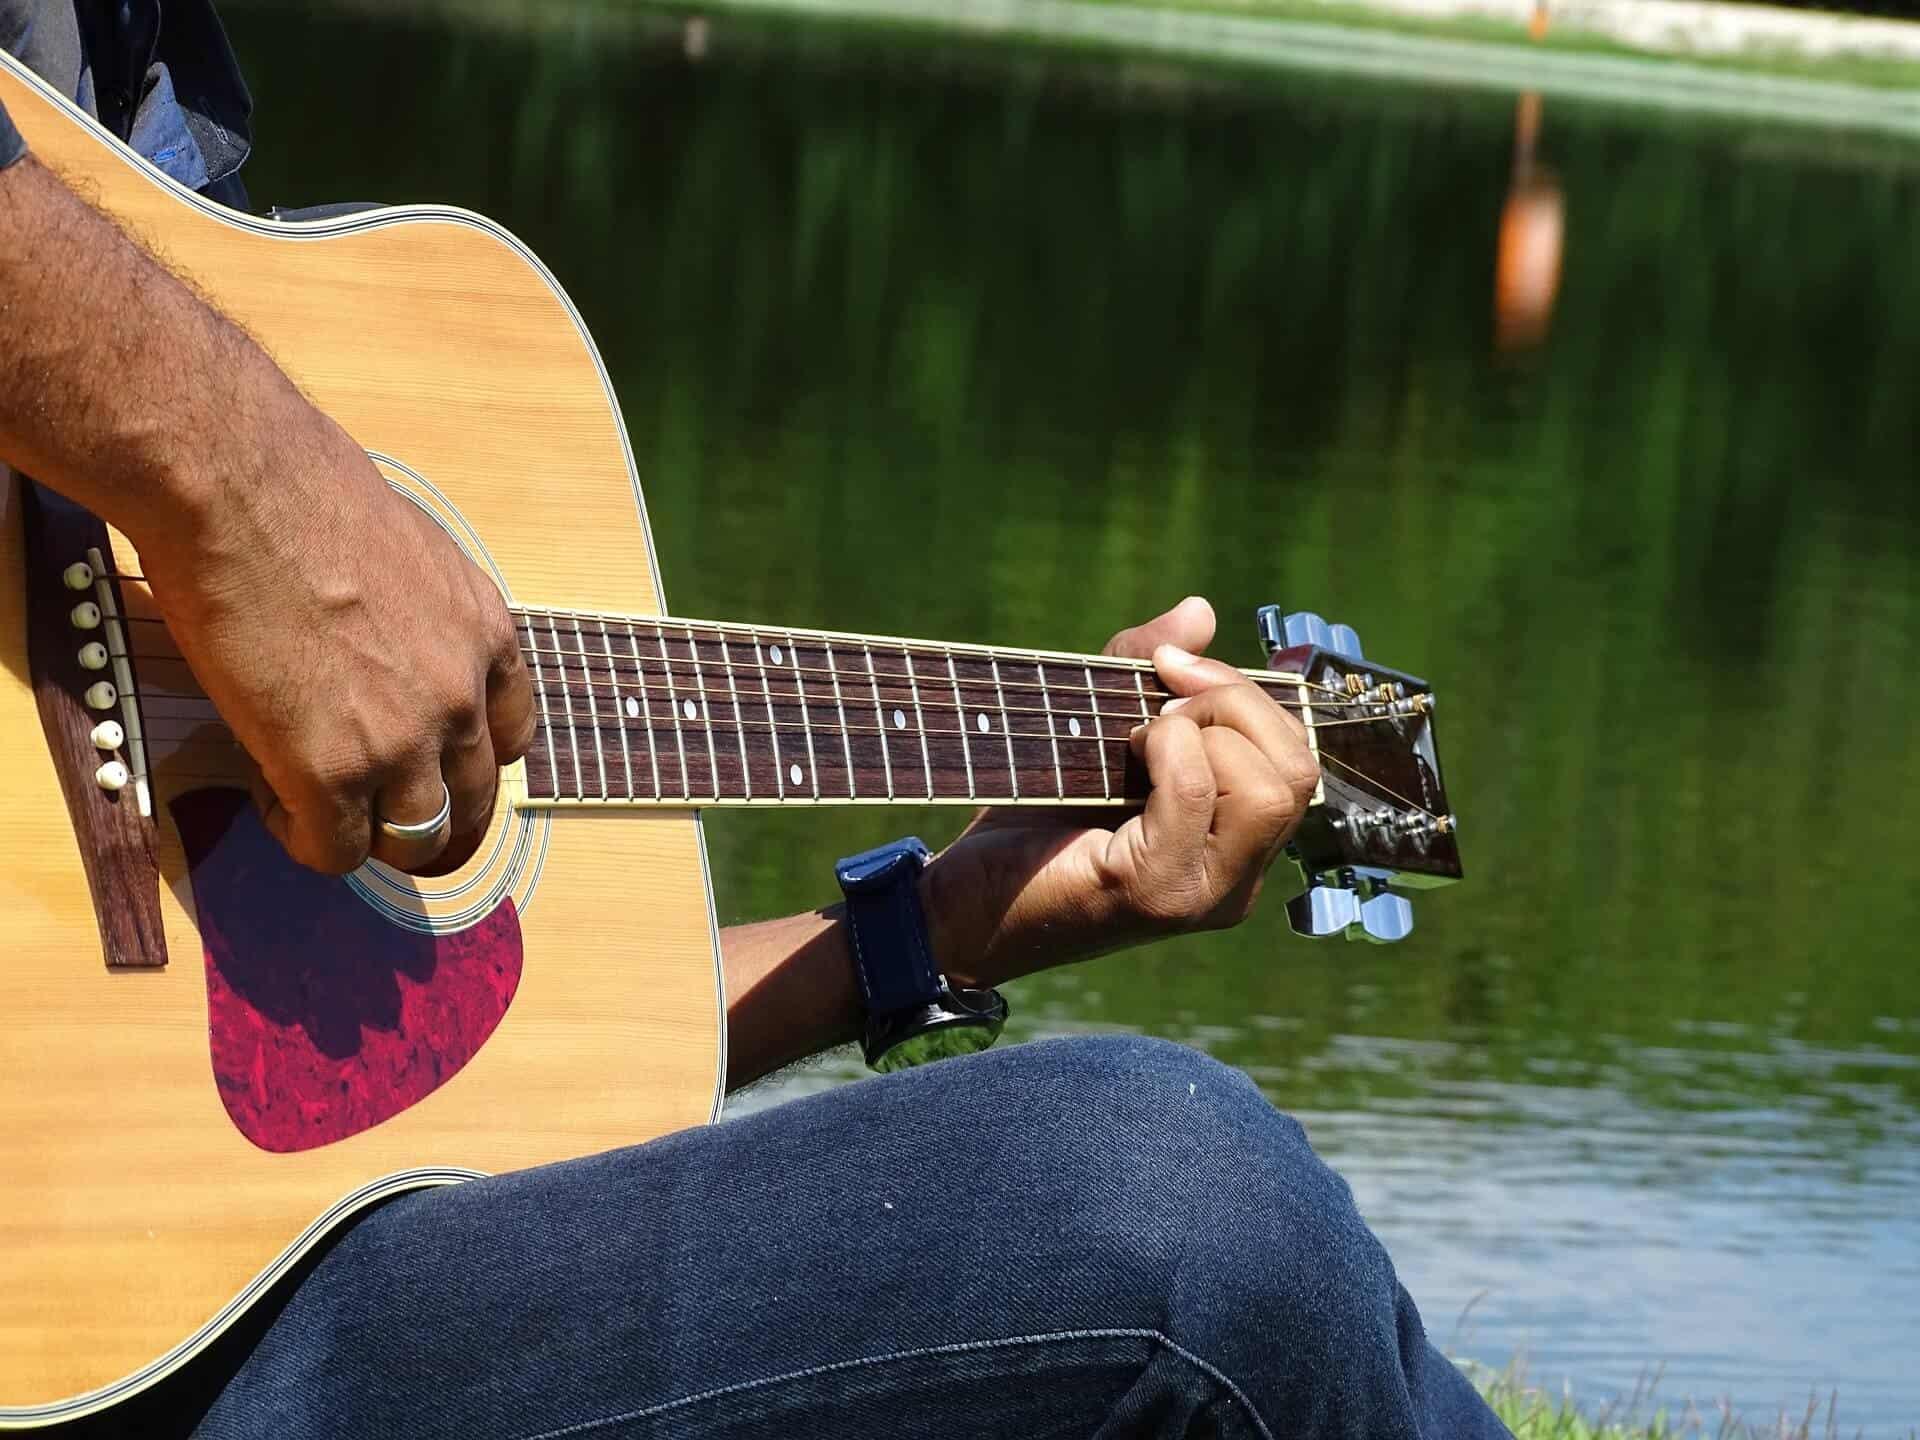 חנות כלי נגינה - גיטרה אקוסטית עם מיתרי מתכת